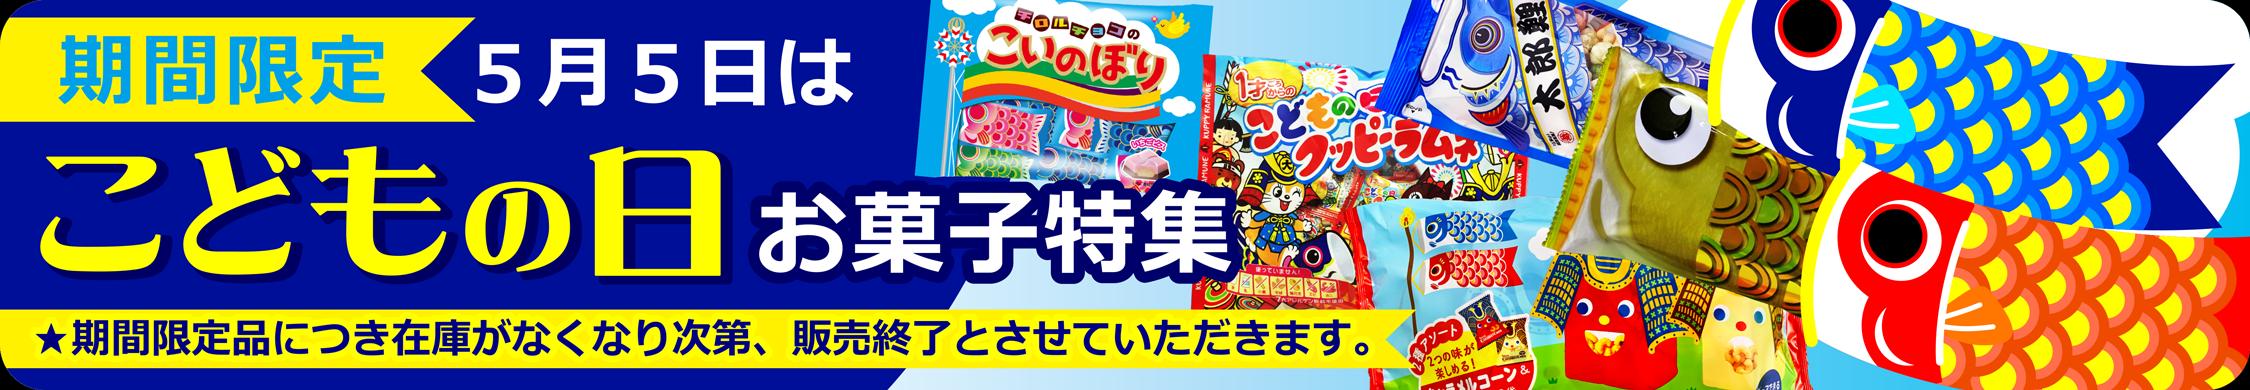 5月5日はこどもの日♪2019こどもの日限定お菓子特集